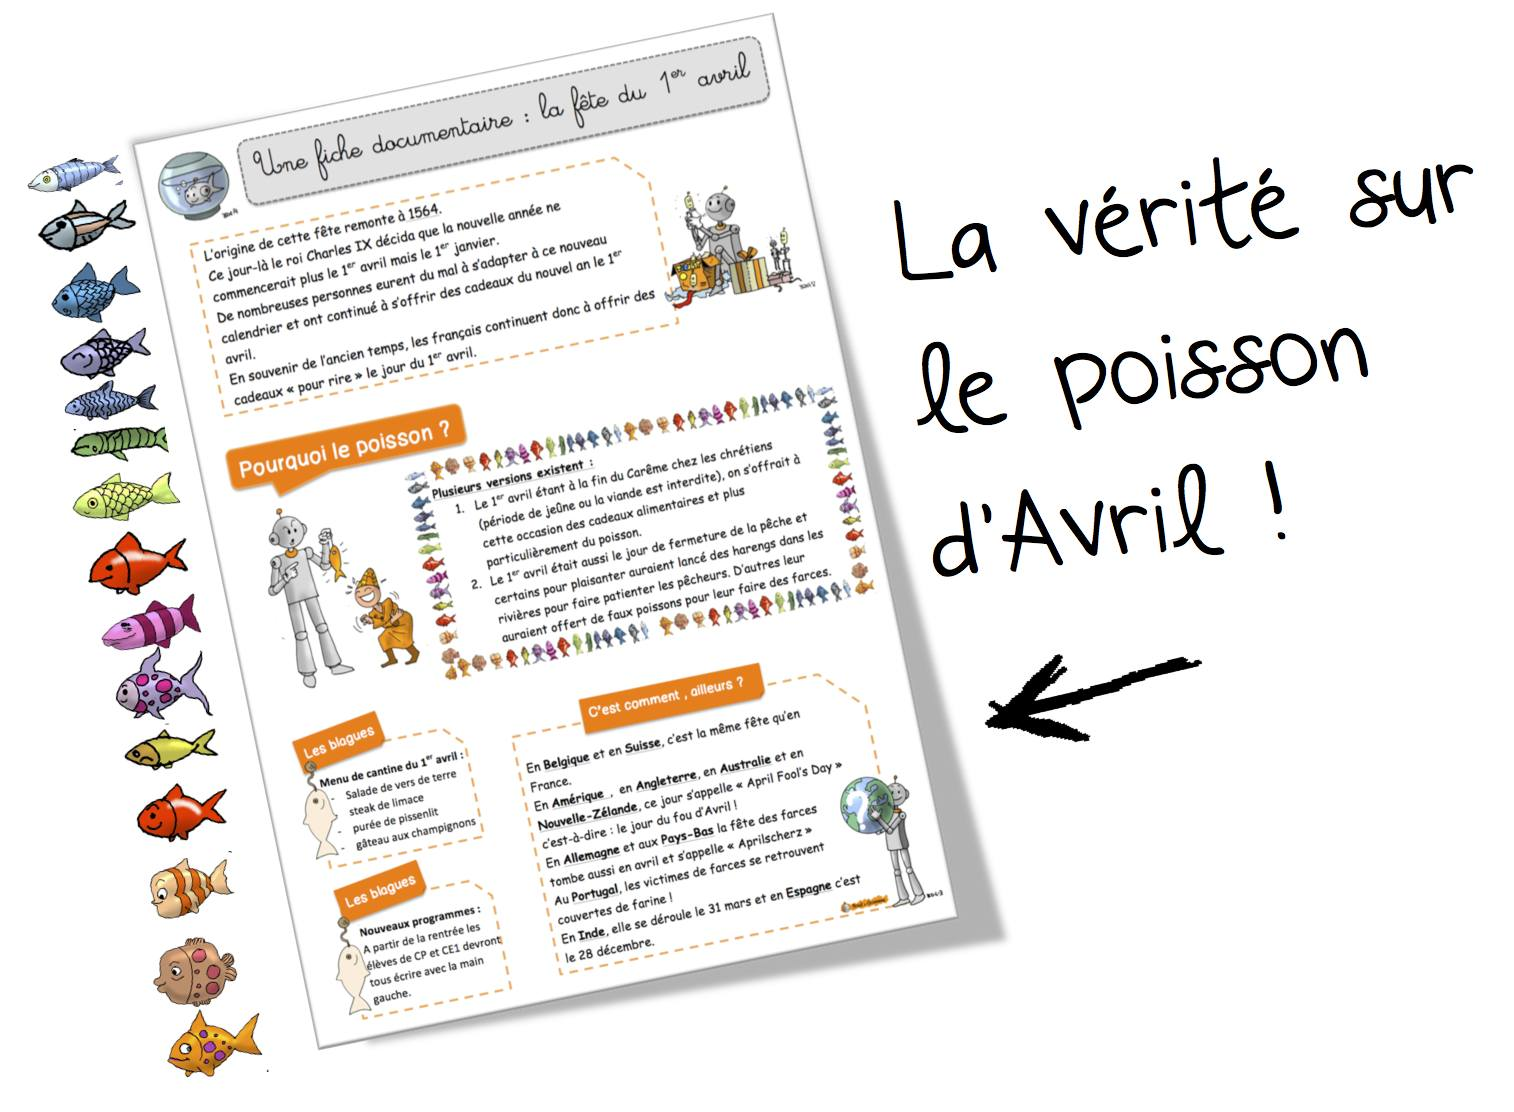 Coloriage Avril Bout De Gomme.Le 1er Avril Coloriages Production D Ecrits Poesie Art